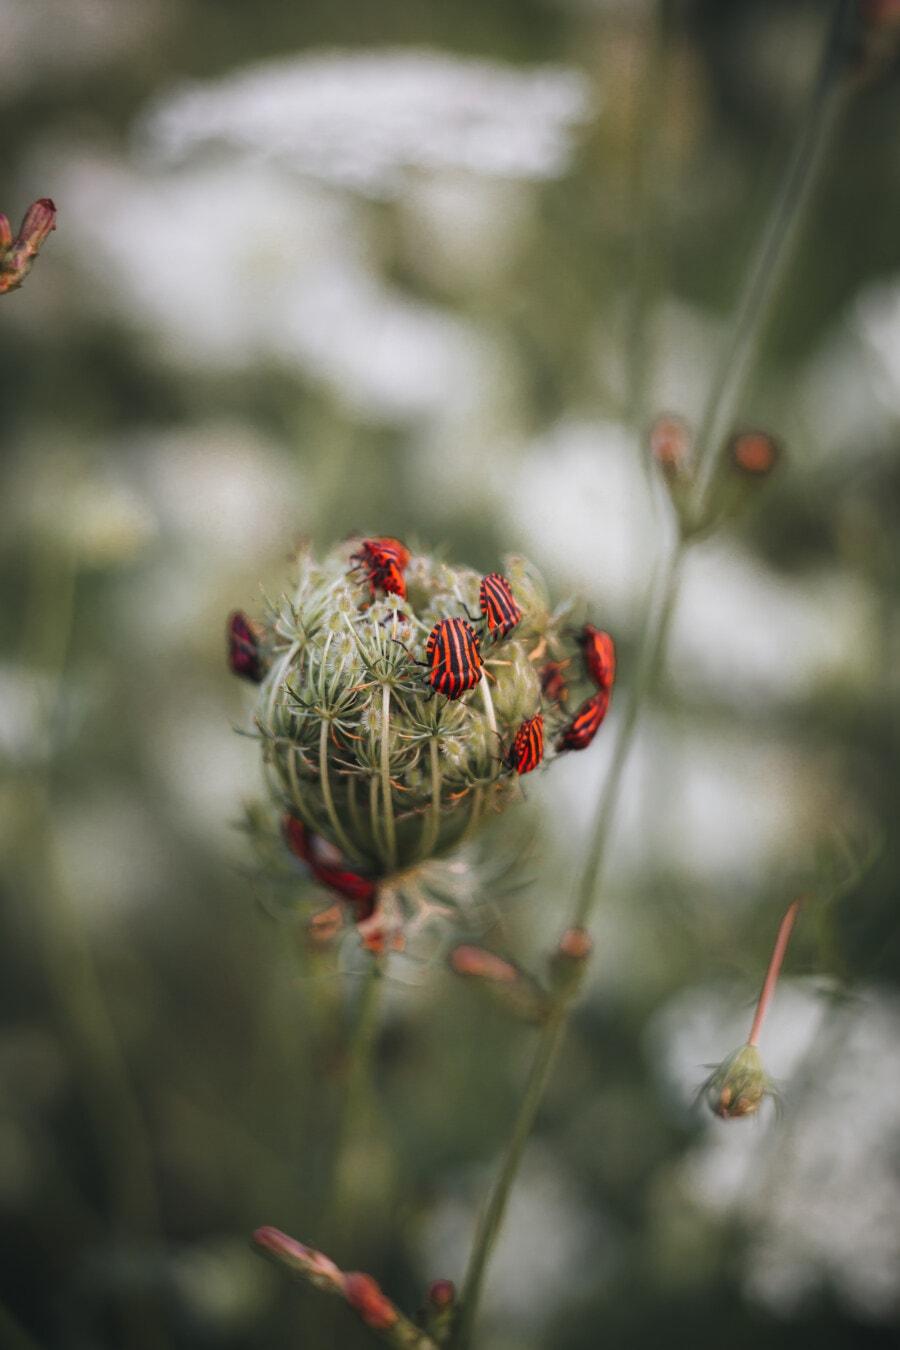 Schwarz, Käfer, dunkelrot, Insekt, Natur, Blume, Anlage, verwischen, Flora, im freien